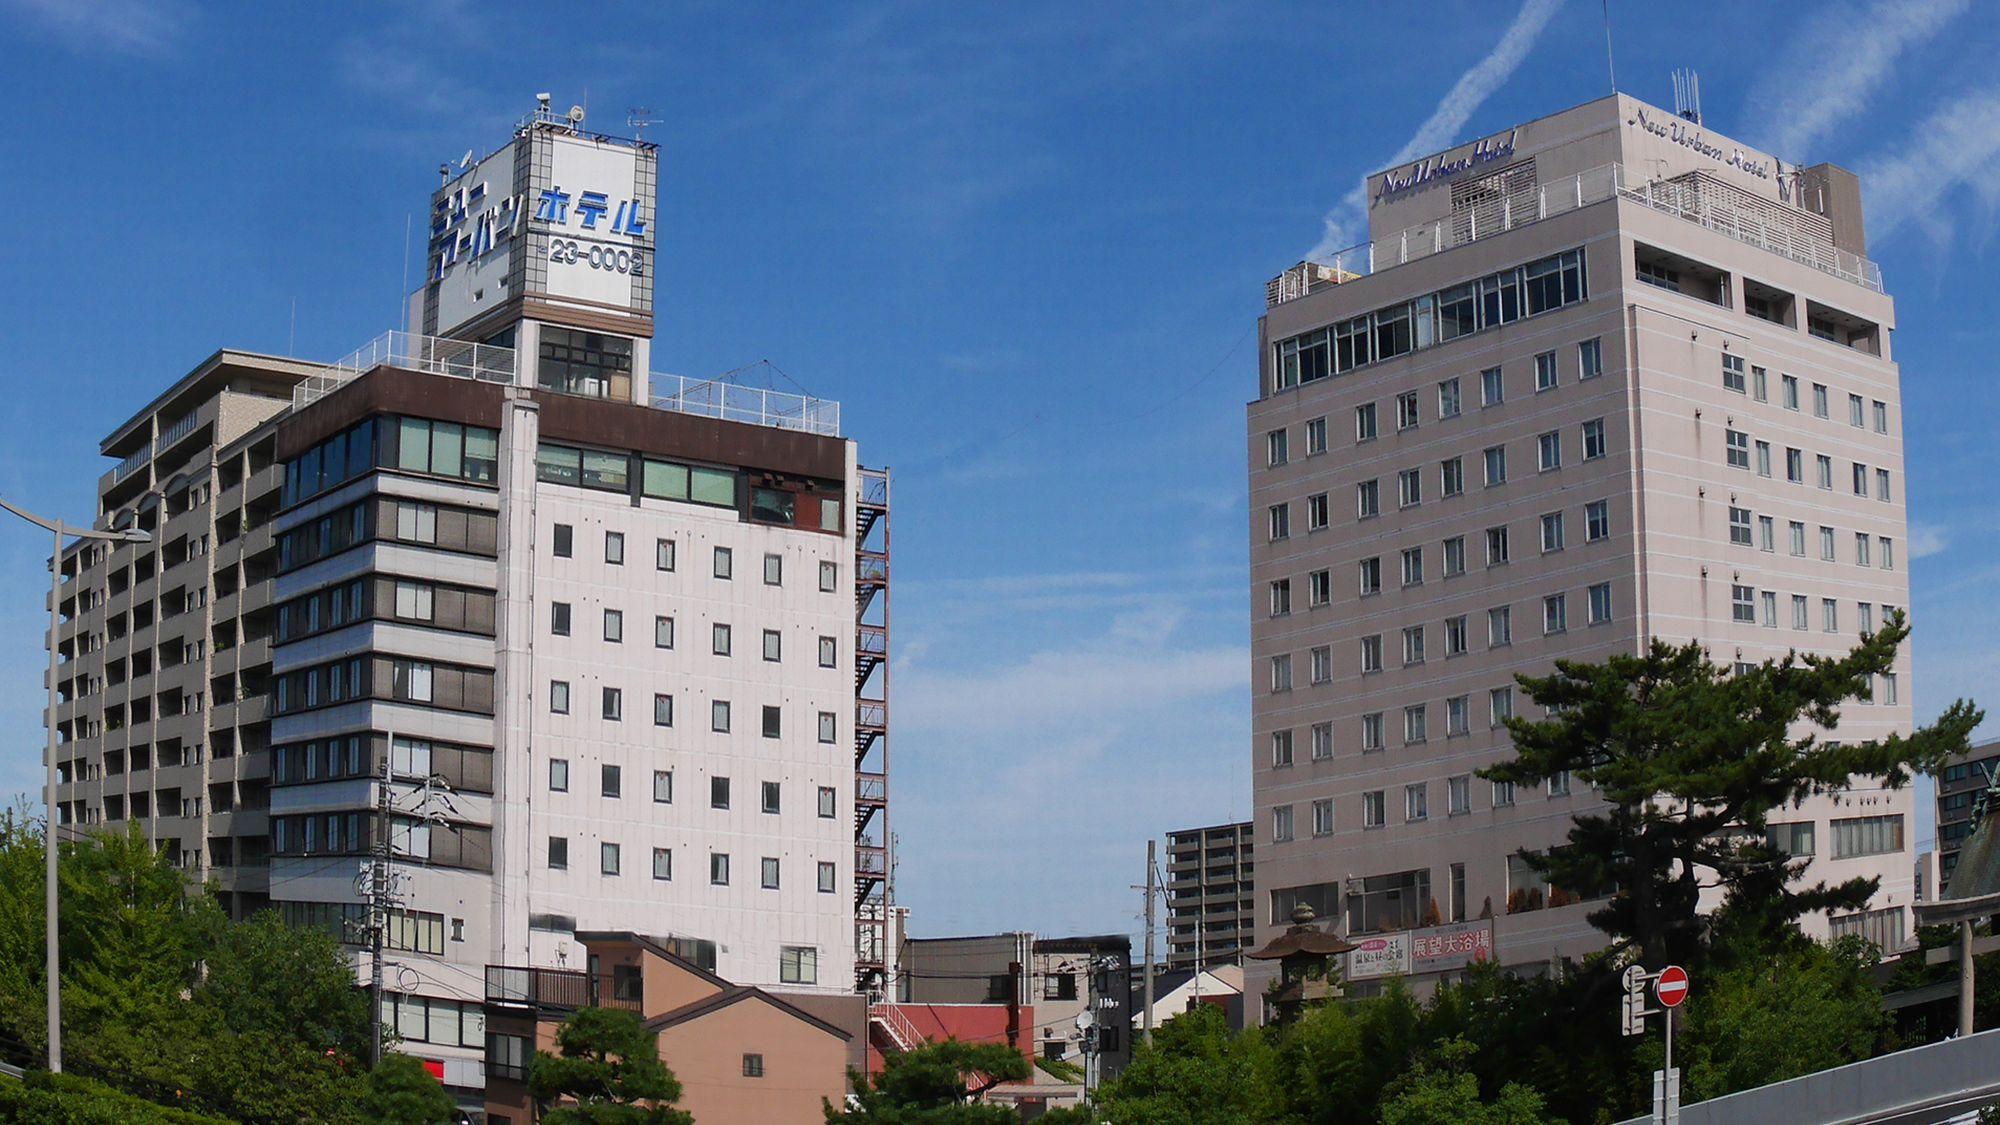 松江しんじ湖温泉 ニューアーバンホテル本館・別館 image